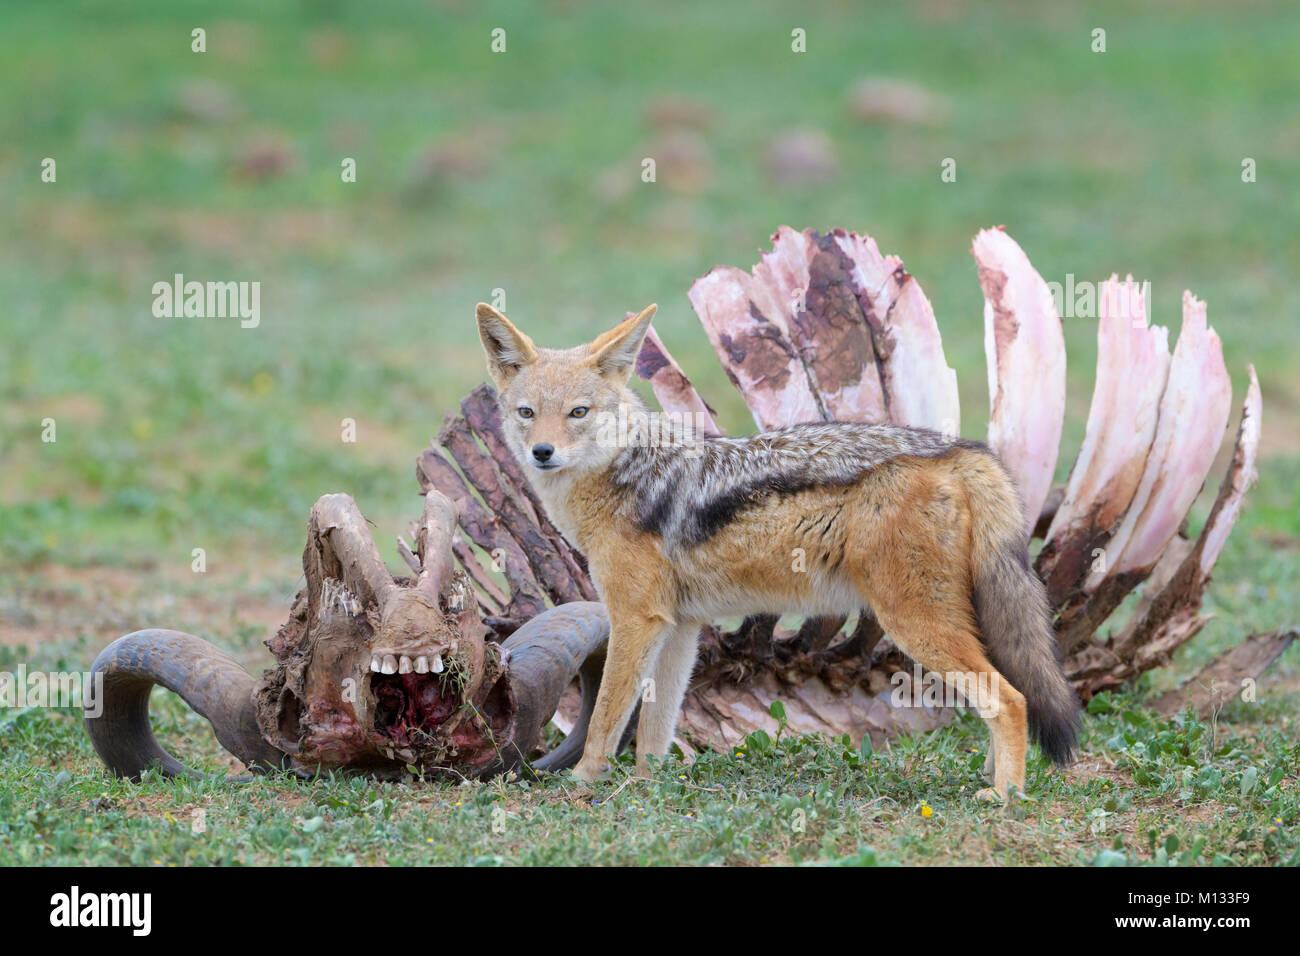 Nero-backed Jackal (Canis mesomelas) in corrispondenza di una carcassa di bufali (Syncerus caffer caffer), Addo Immagini Stock